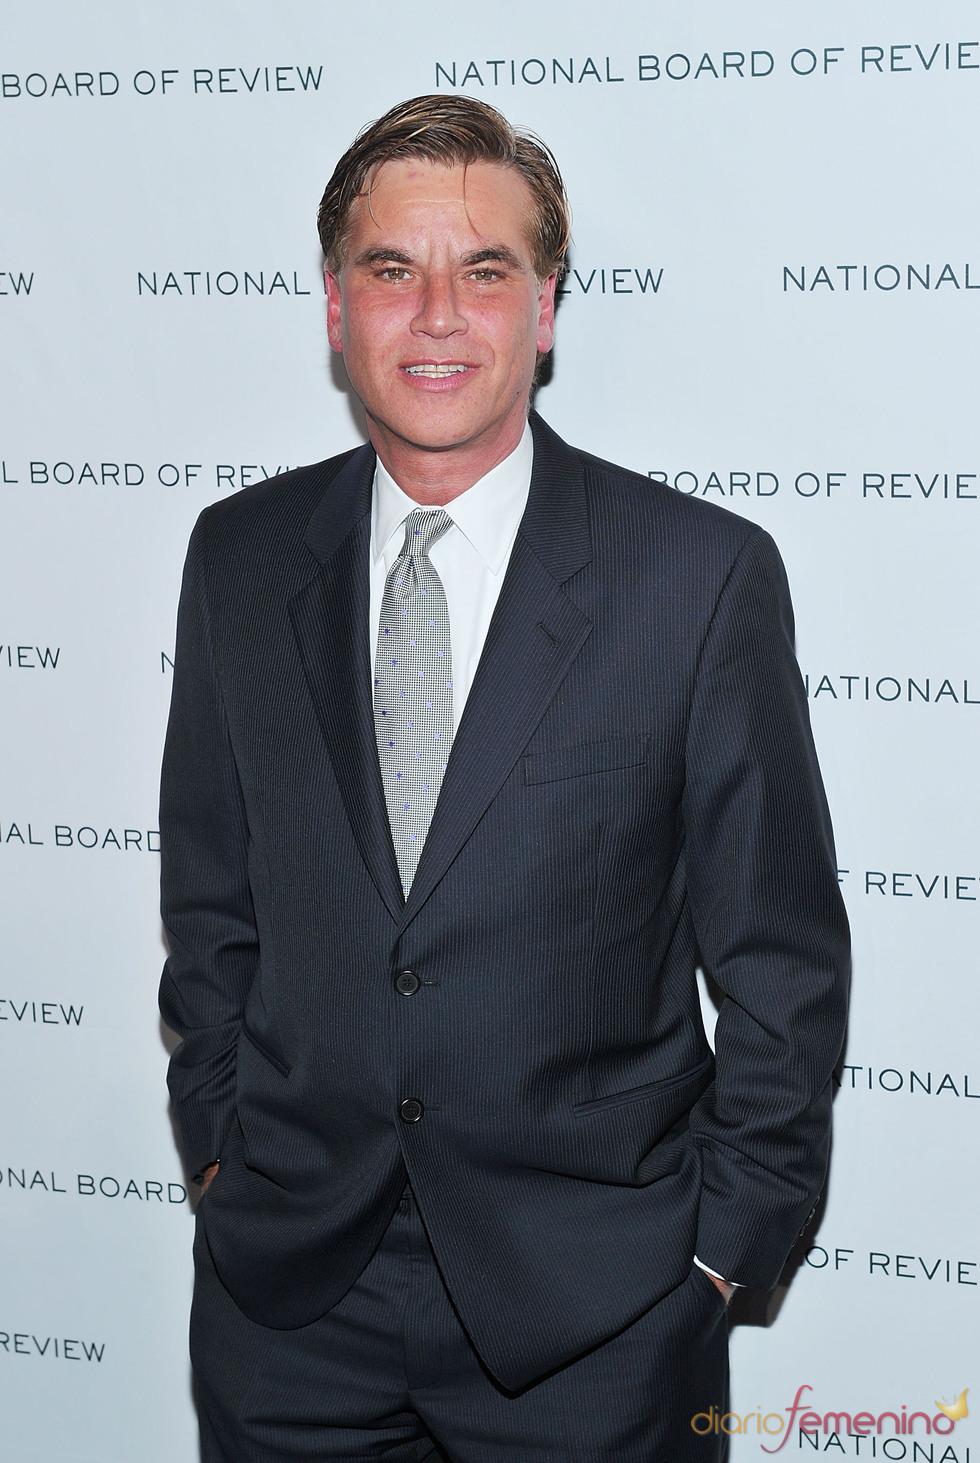 Aaron Sorkin en los Premios de la Junta Nacional de Críticos